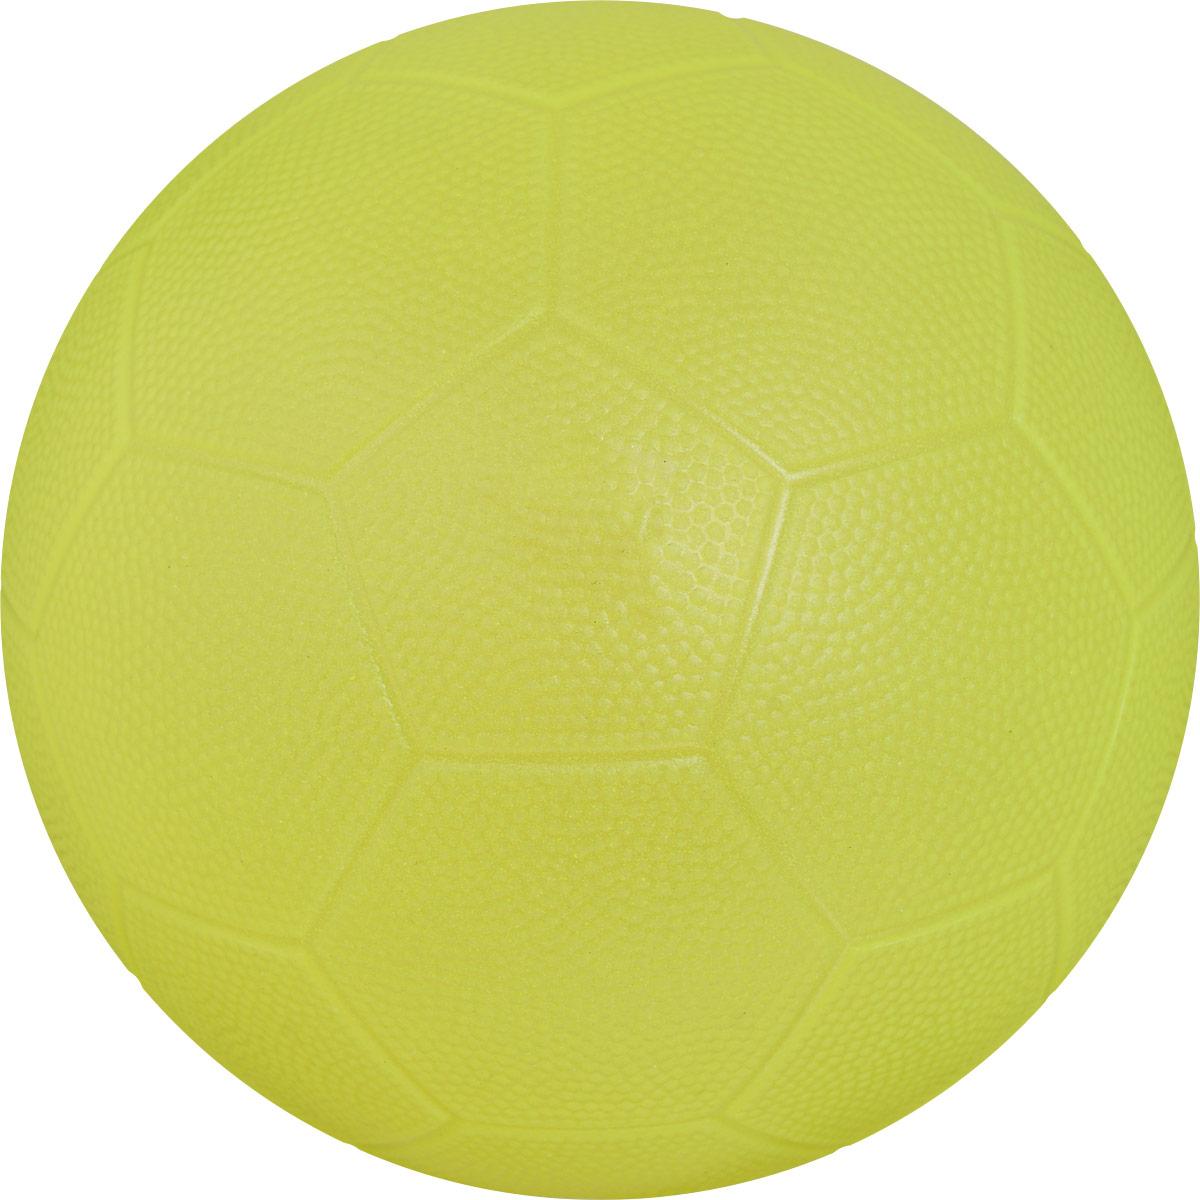 Весна Мяч детский футбольный цвет желтый диаметр 22,5 см